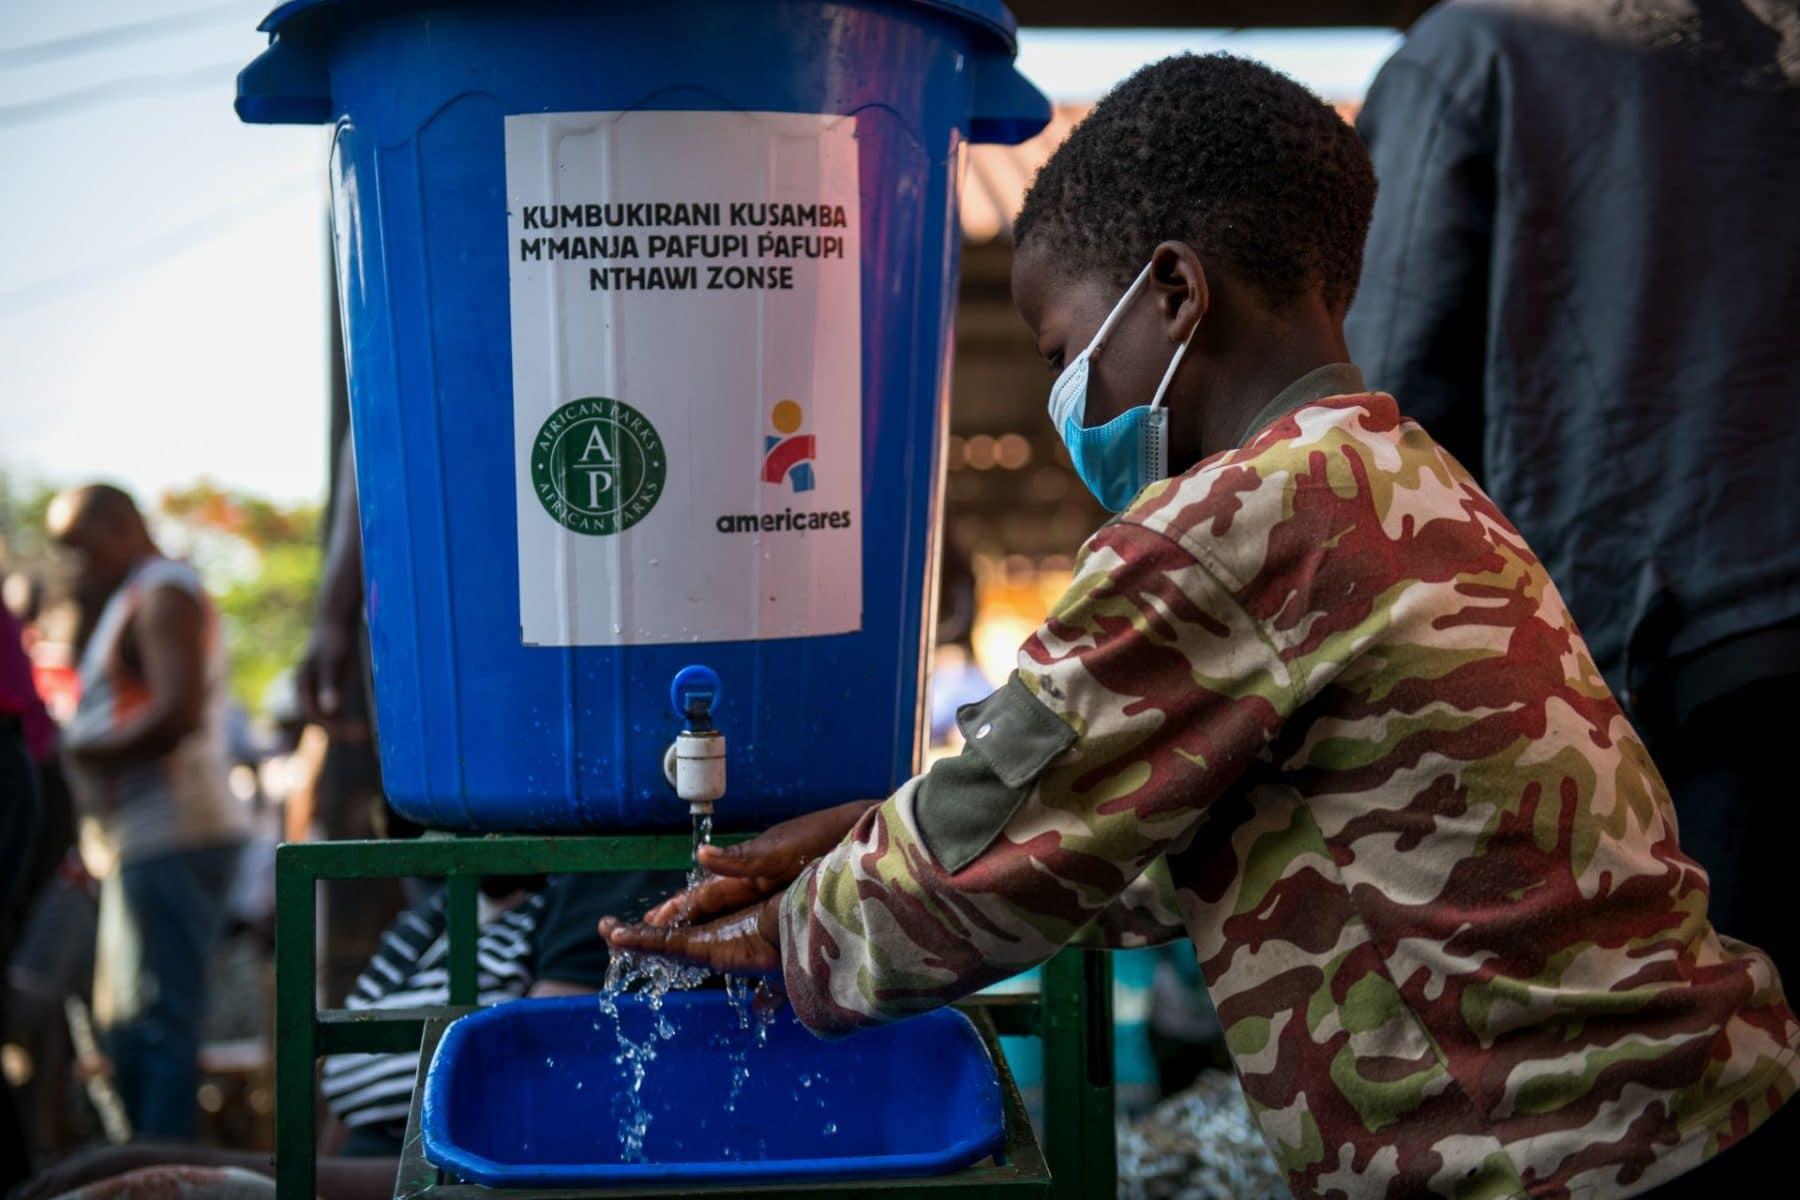 Child washing his hands. Photo by Thoko Chikondi